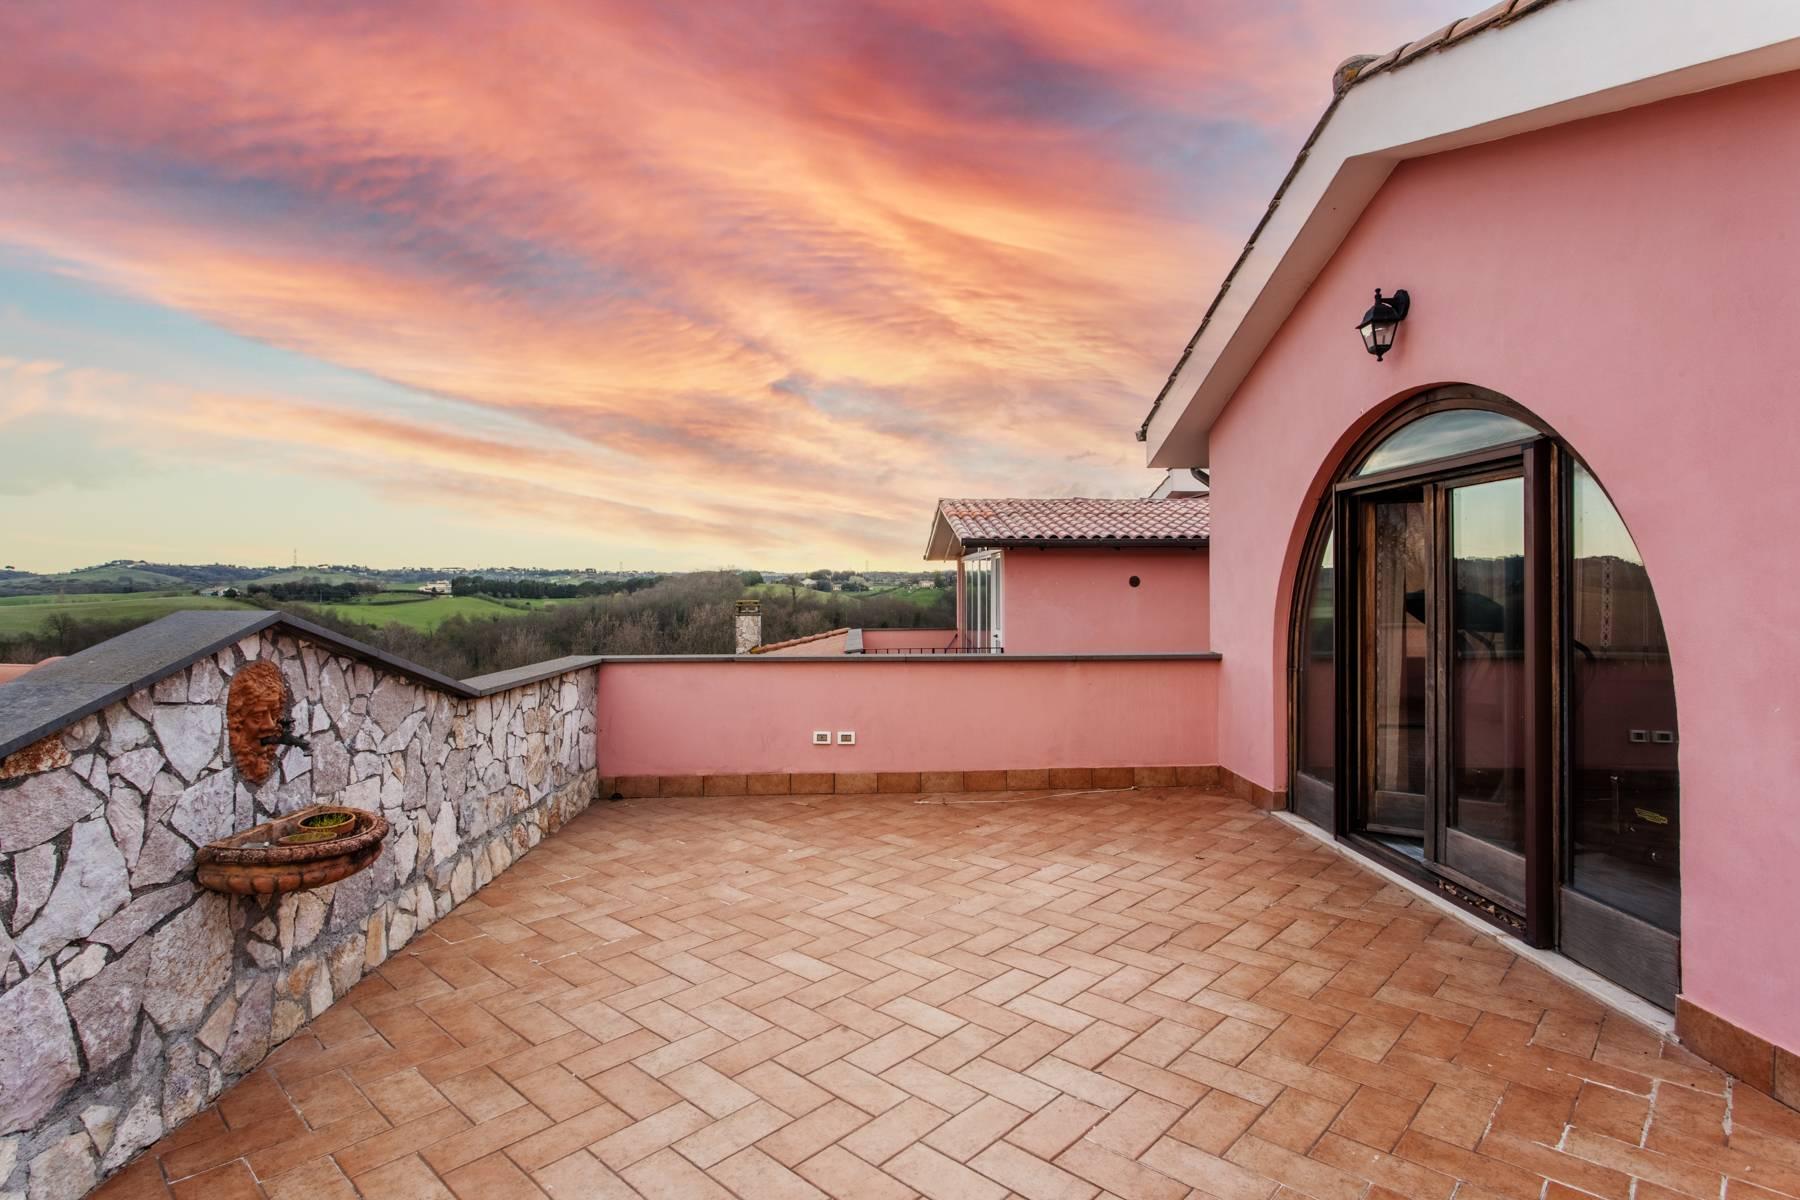 Villa in Vendita a Rignano Flaminio: 5 locali, 800 mq - Foto 15